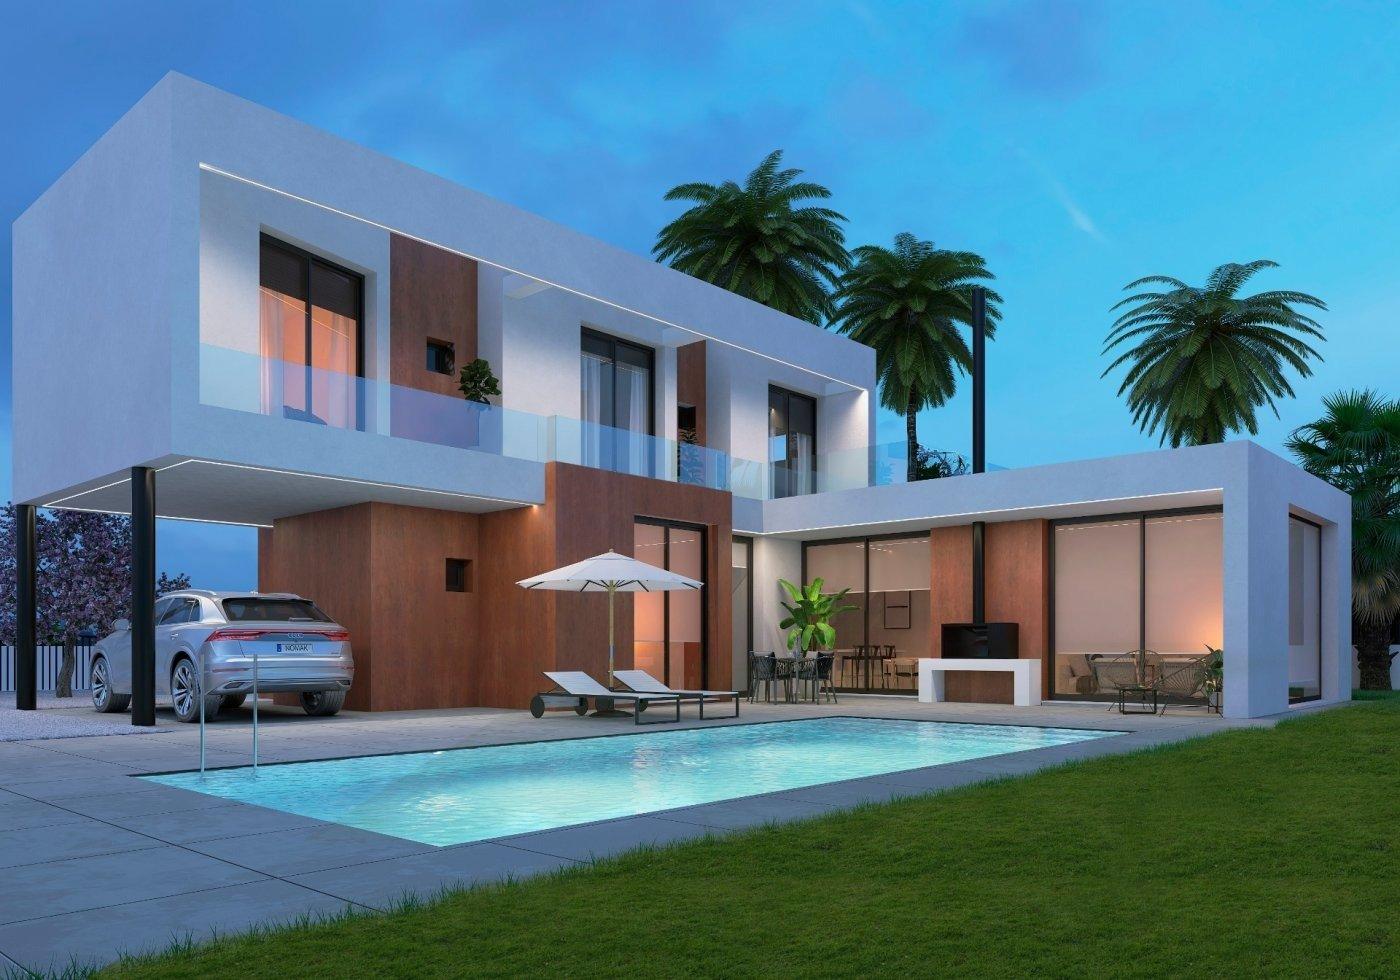 Villa moderna de nueva construcción en calpe a 600 m de la playa - imagenInmueble0